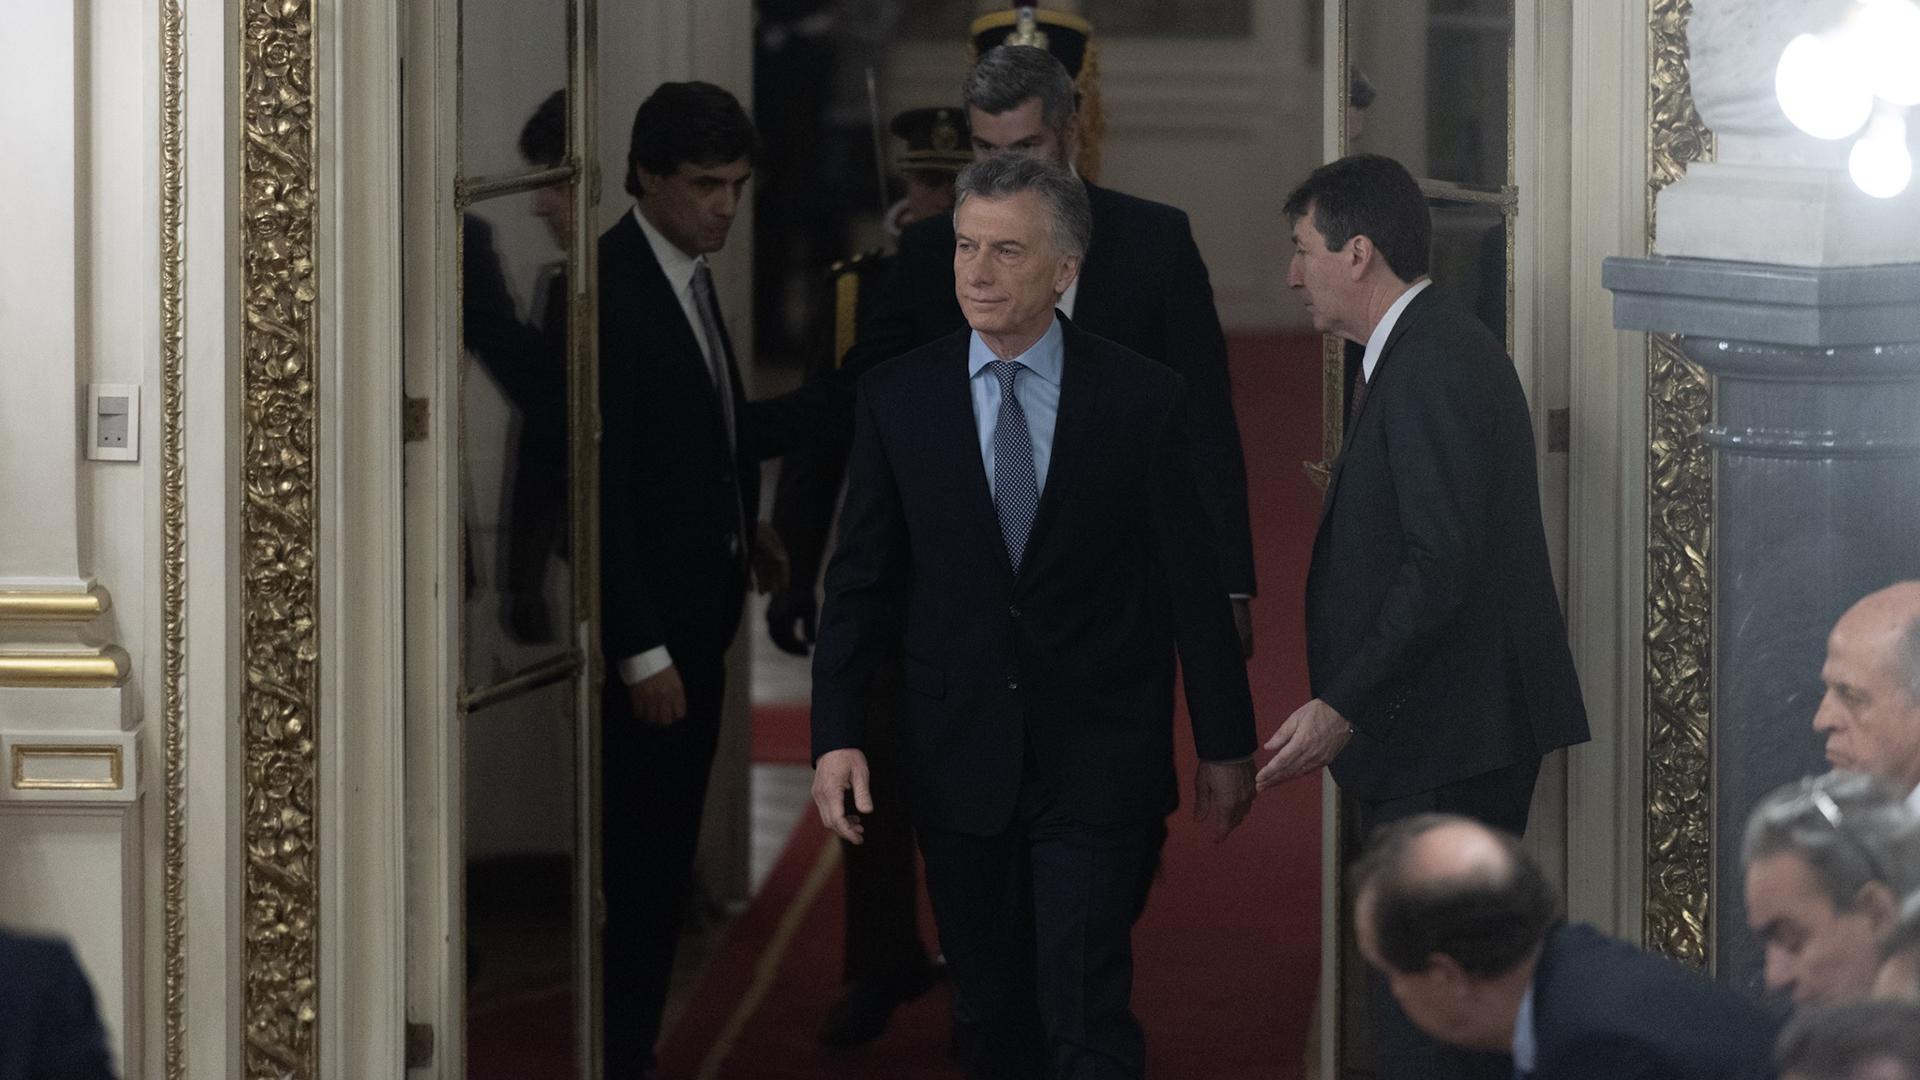 Mauricio Macri ingresó cerca de las 8:30 al Salón Blanco para tomar la jura al nuevo ministro